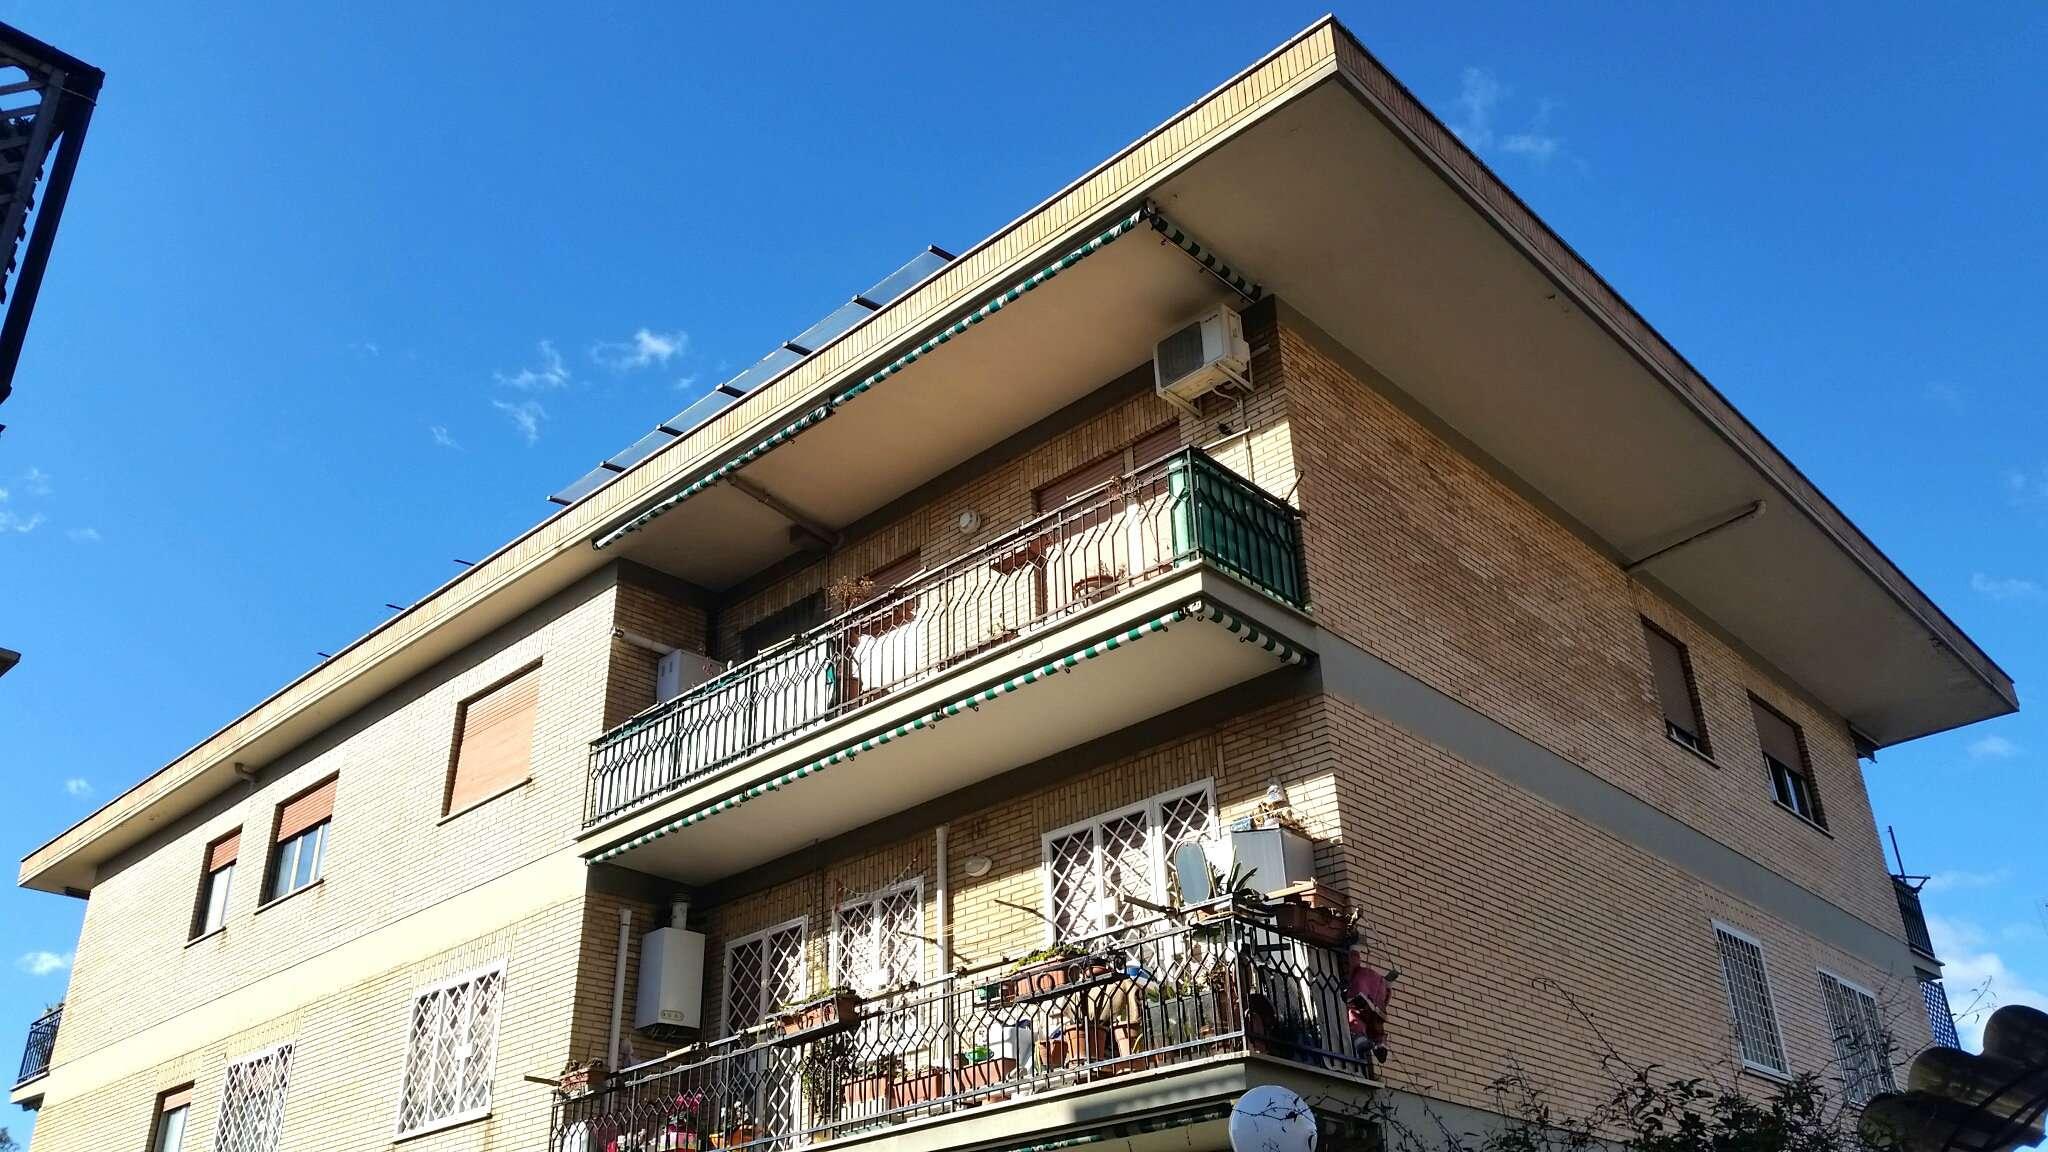 Appartamento in vendita a Roma, 3 locali, zona Zona: 13 . Tuscolano, Appio Claudio, Villa Lais, Quadraro, prezzo € 229.000 | CambioCasa.it